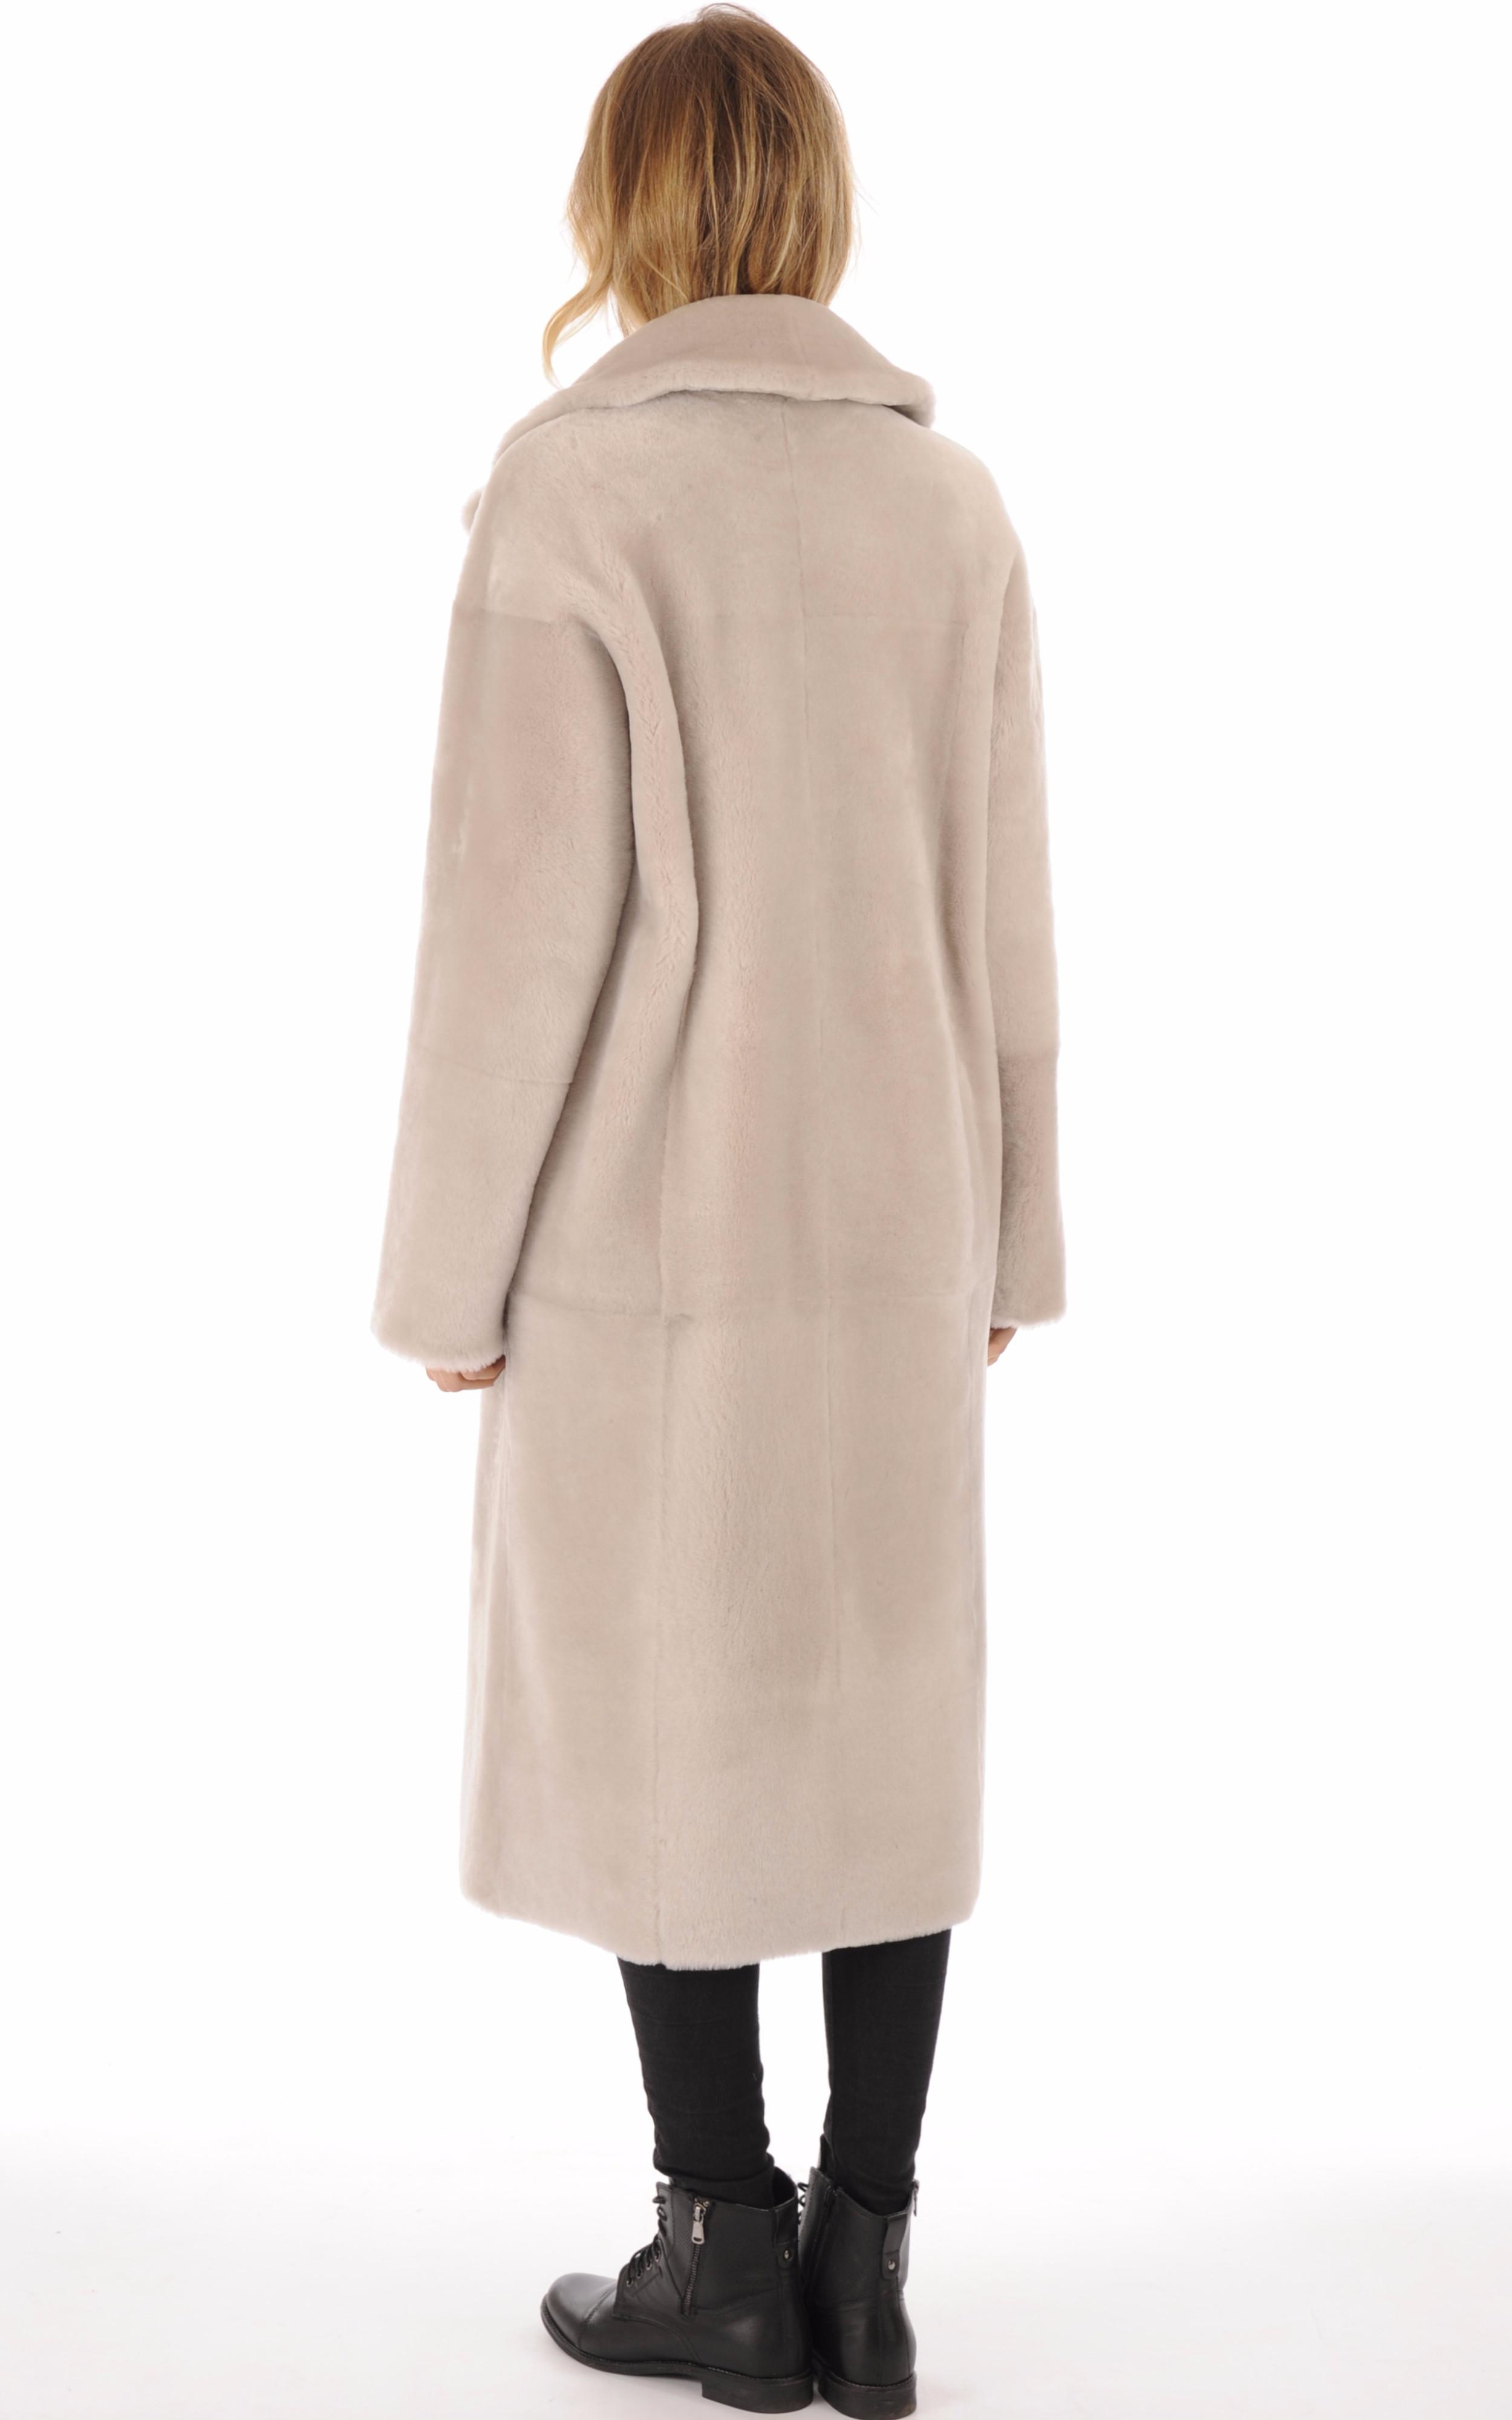 Peau lainée mérinos réversible Centropel